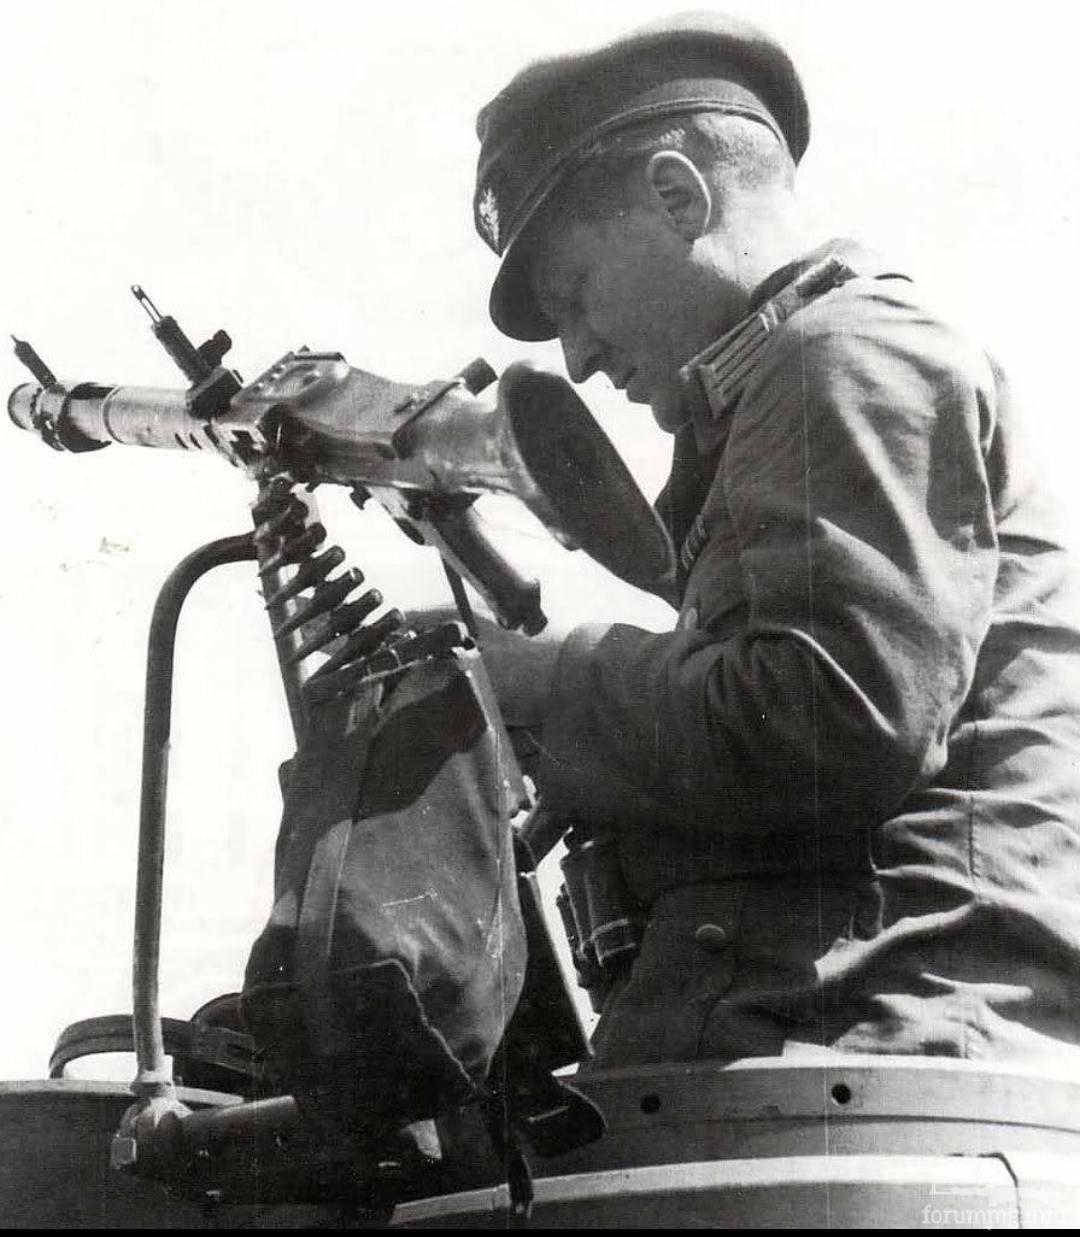 135419 - Все о пулемете MG-34 - история, модификации, клейма и т.д.